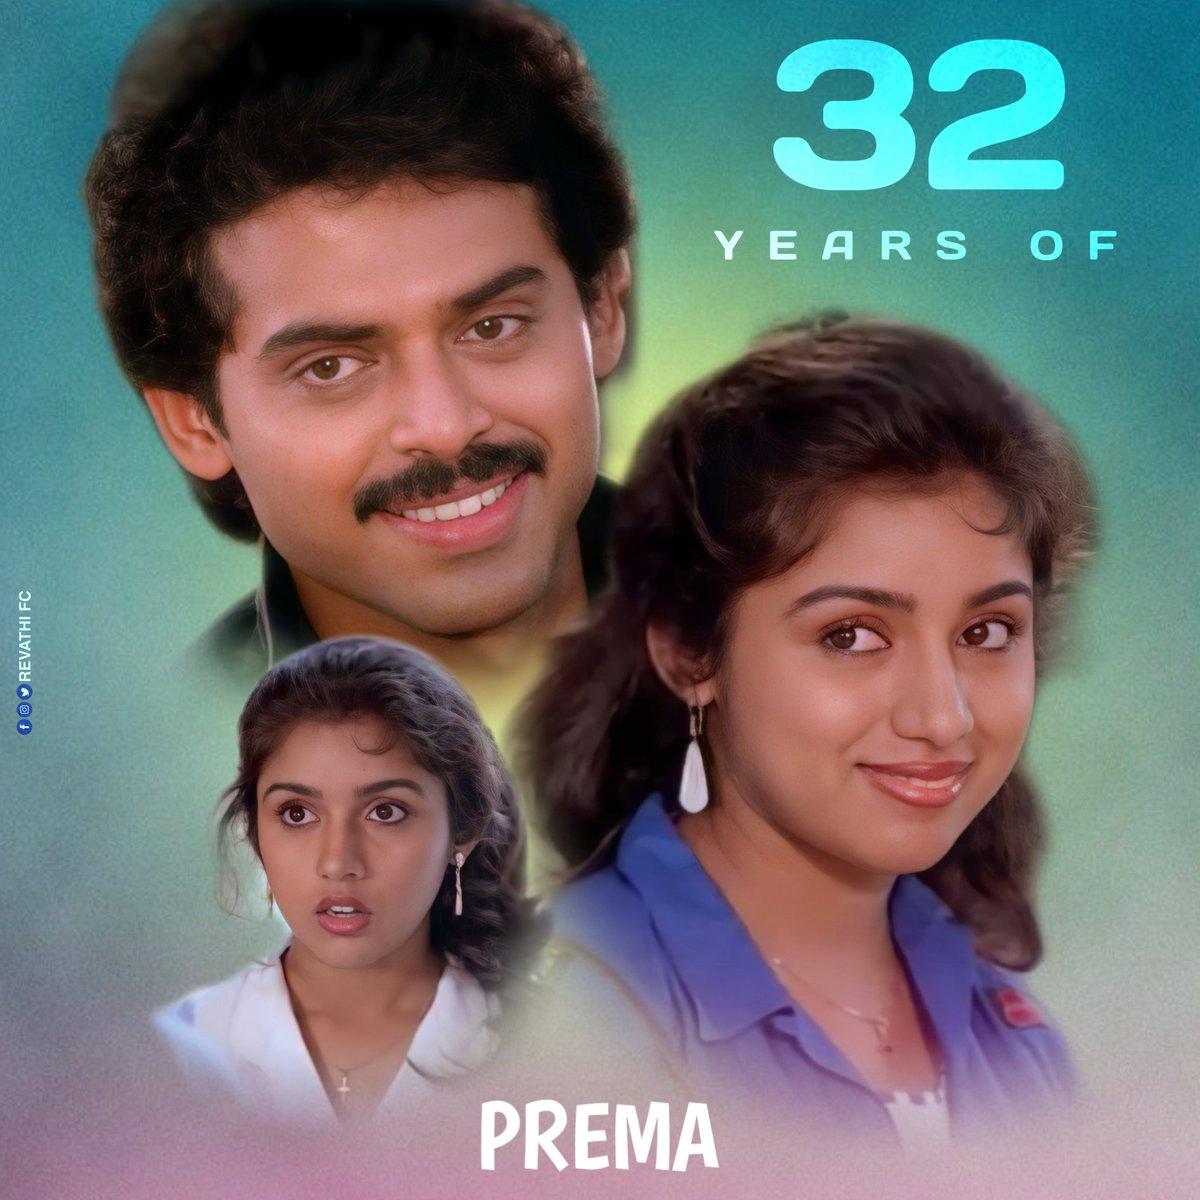 Celebrating 32 Years Of Prema ❤️  • #32YearsOfPrema  | #Venkateshdaggubati #Revathi #Revathy #Revathyasha